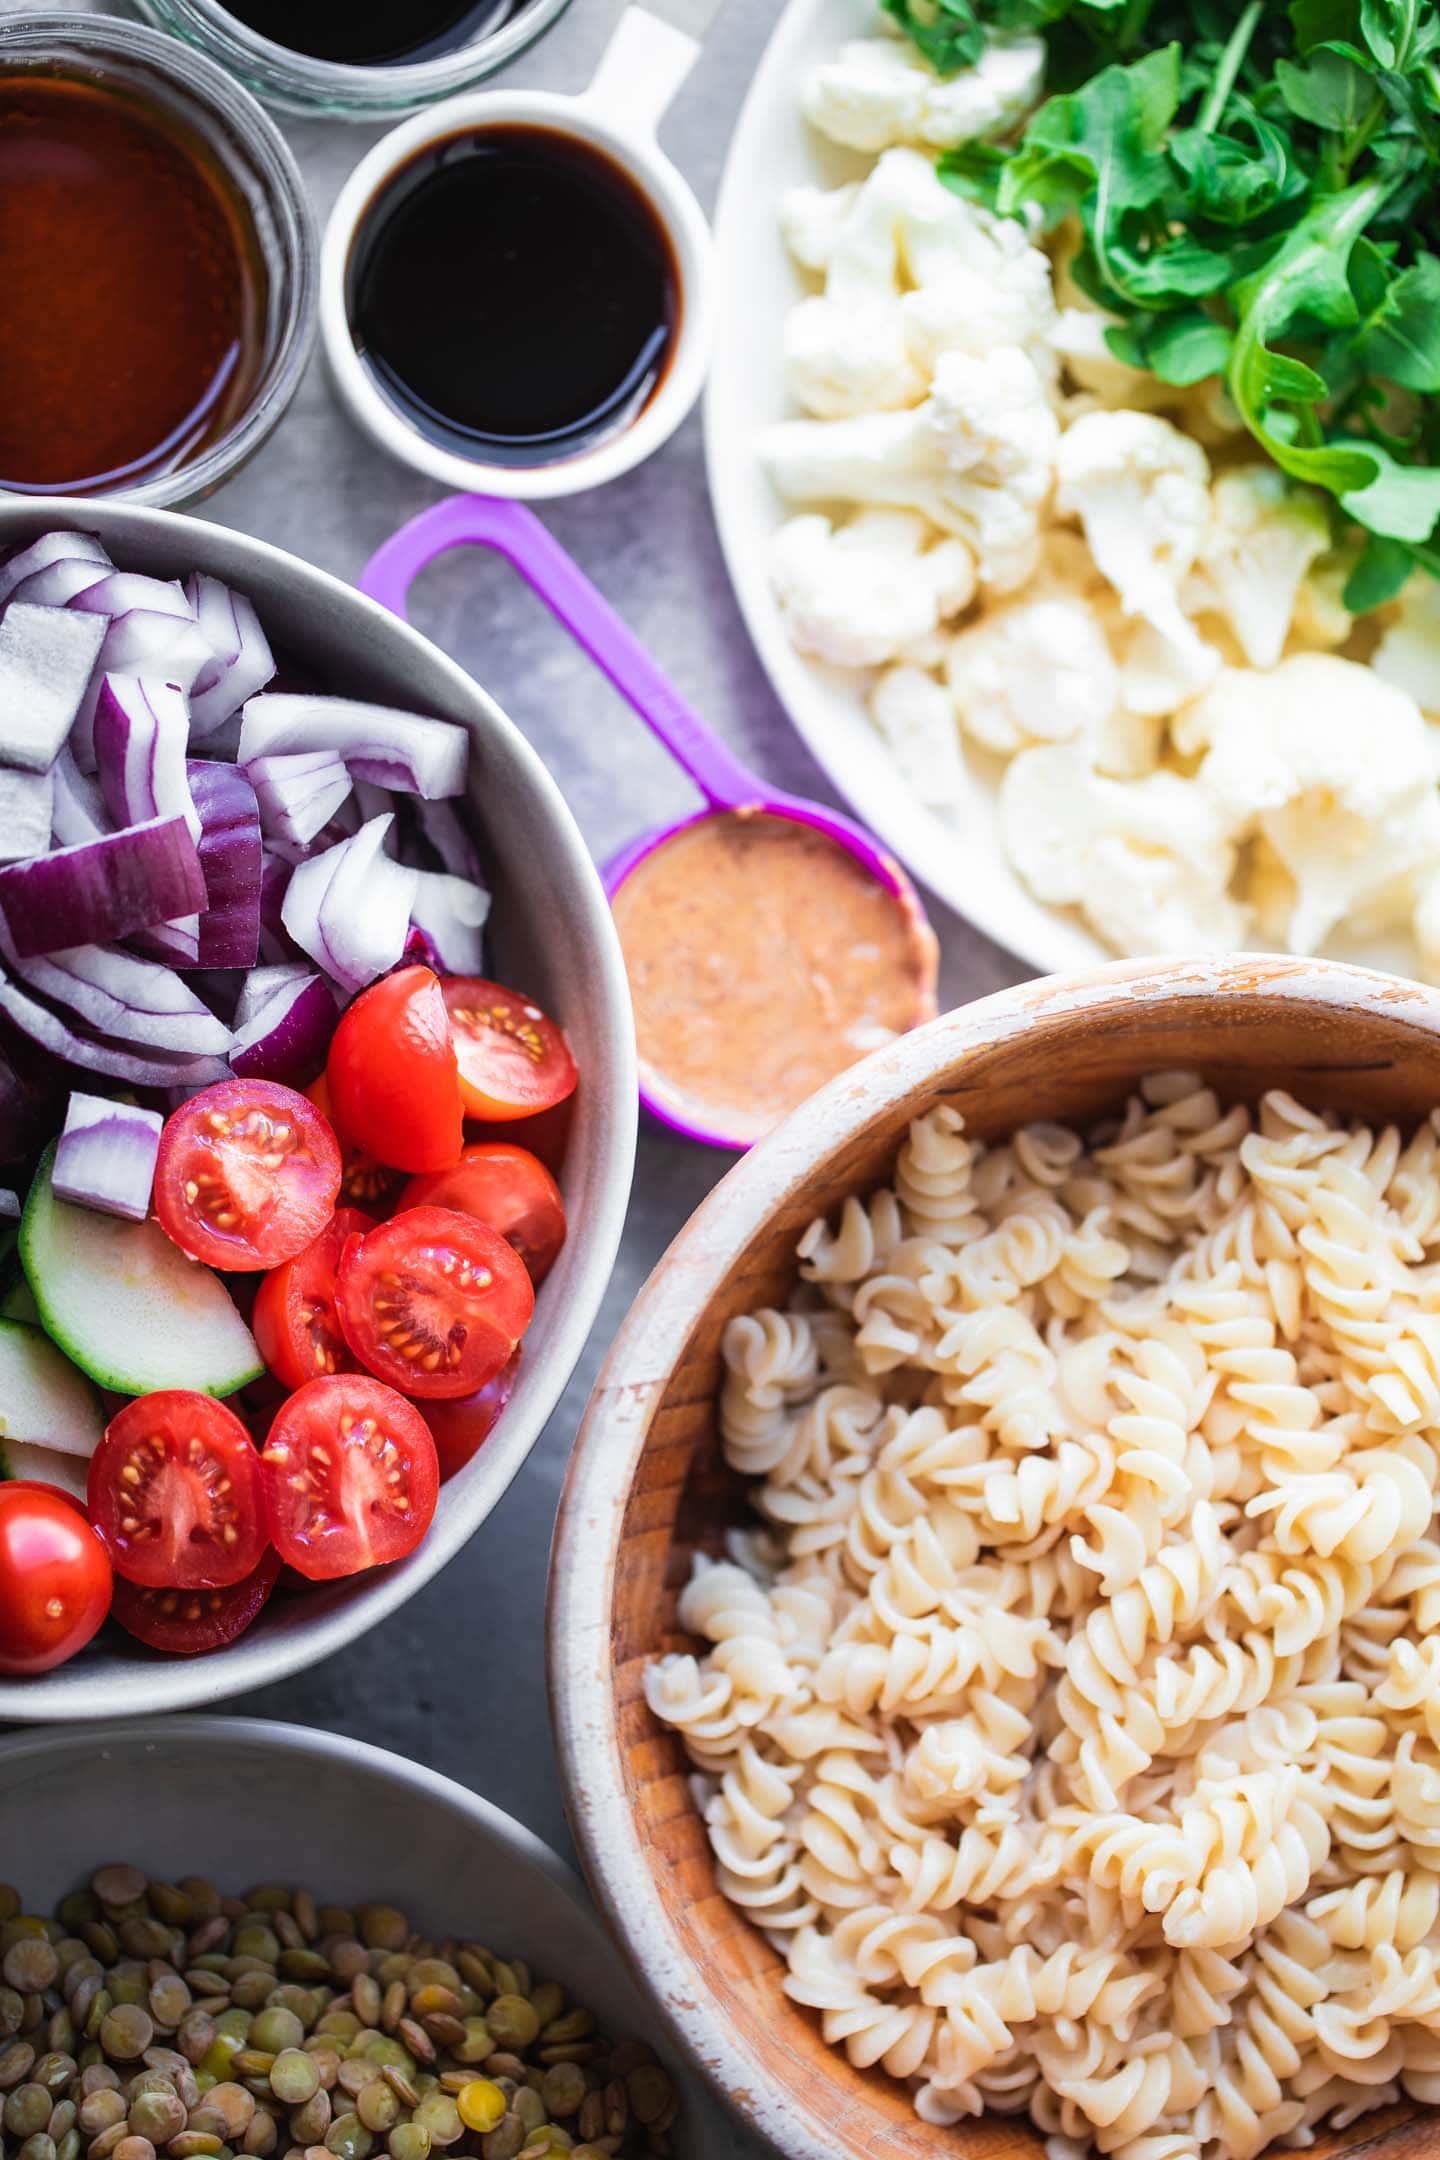 Ingredients for vegan beetroot pasta salad